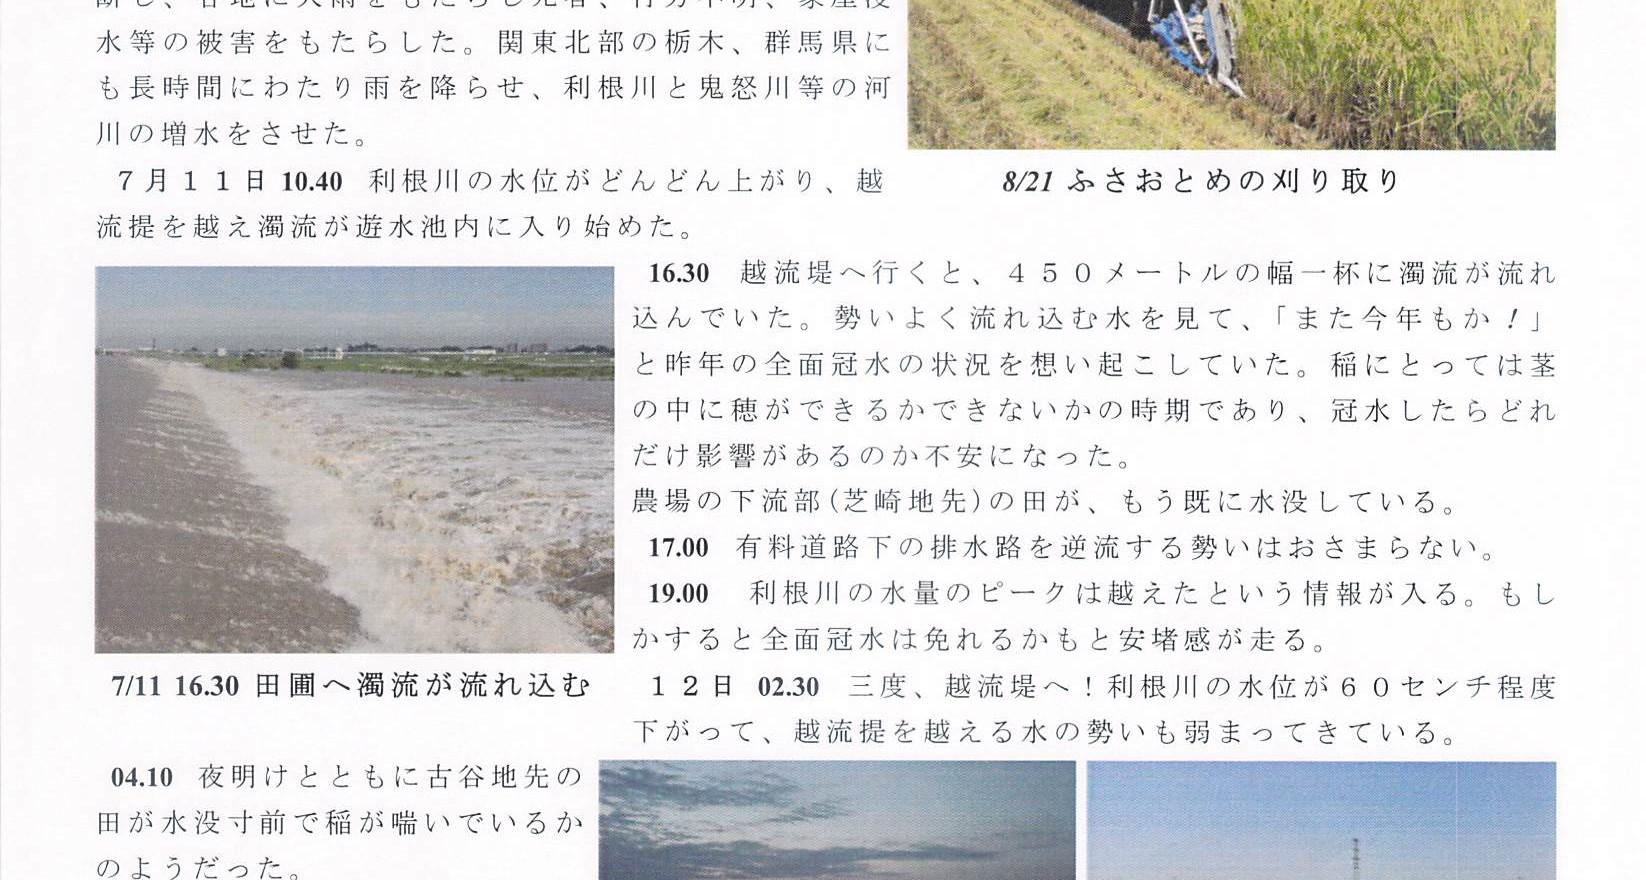 200209_あぜ道だよりNo37.jpg